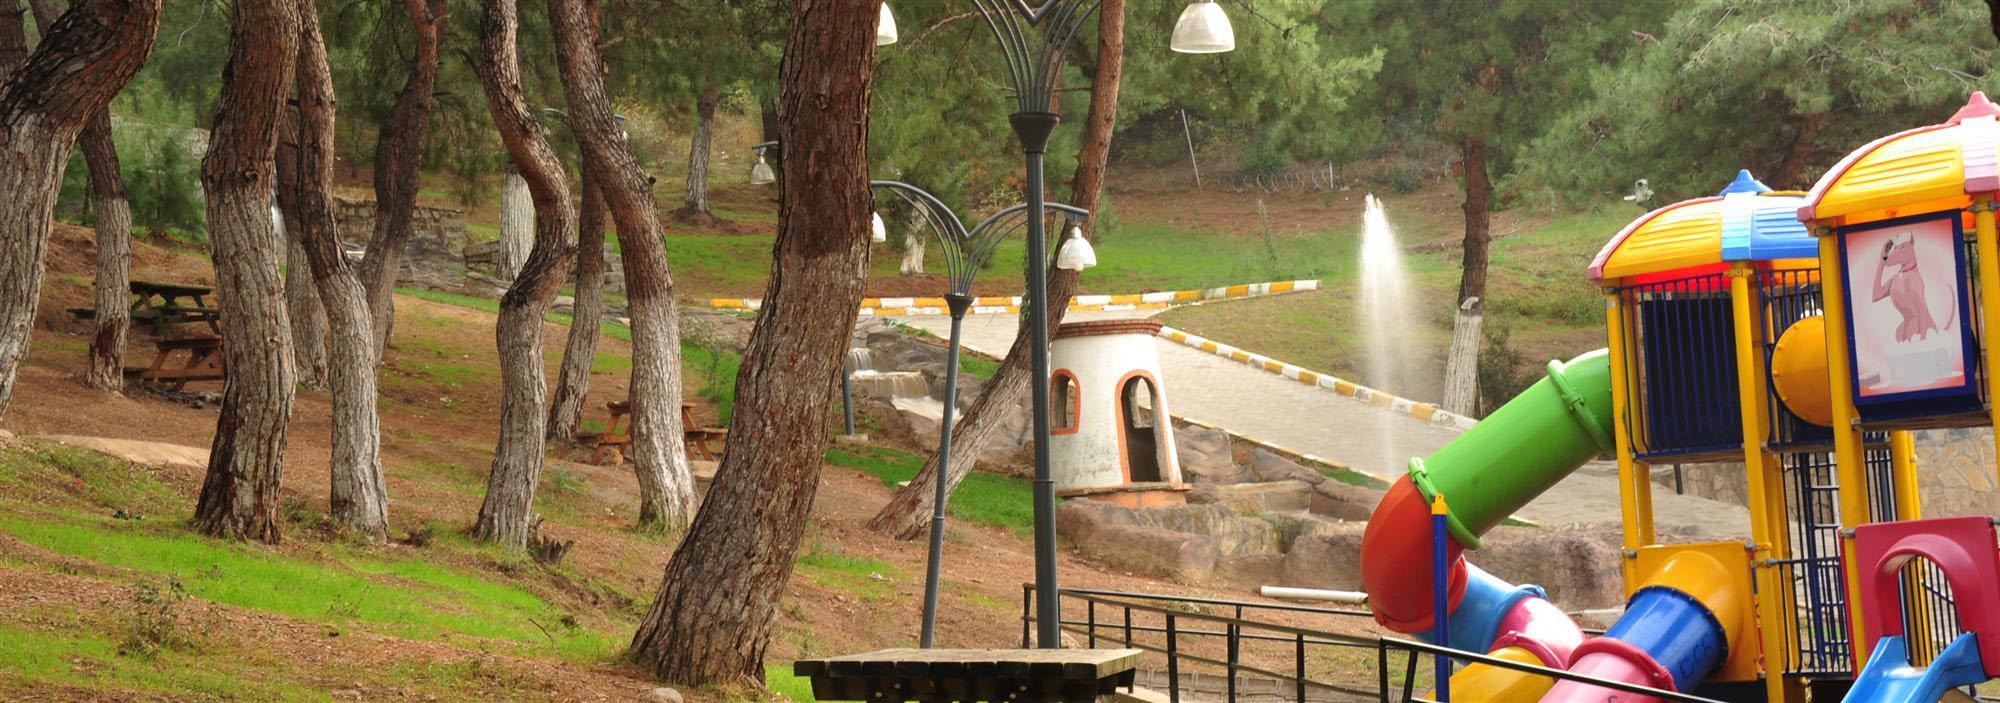 Orman İçi Piknik Alanı'nın çehresi değişti